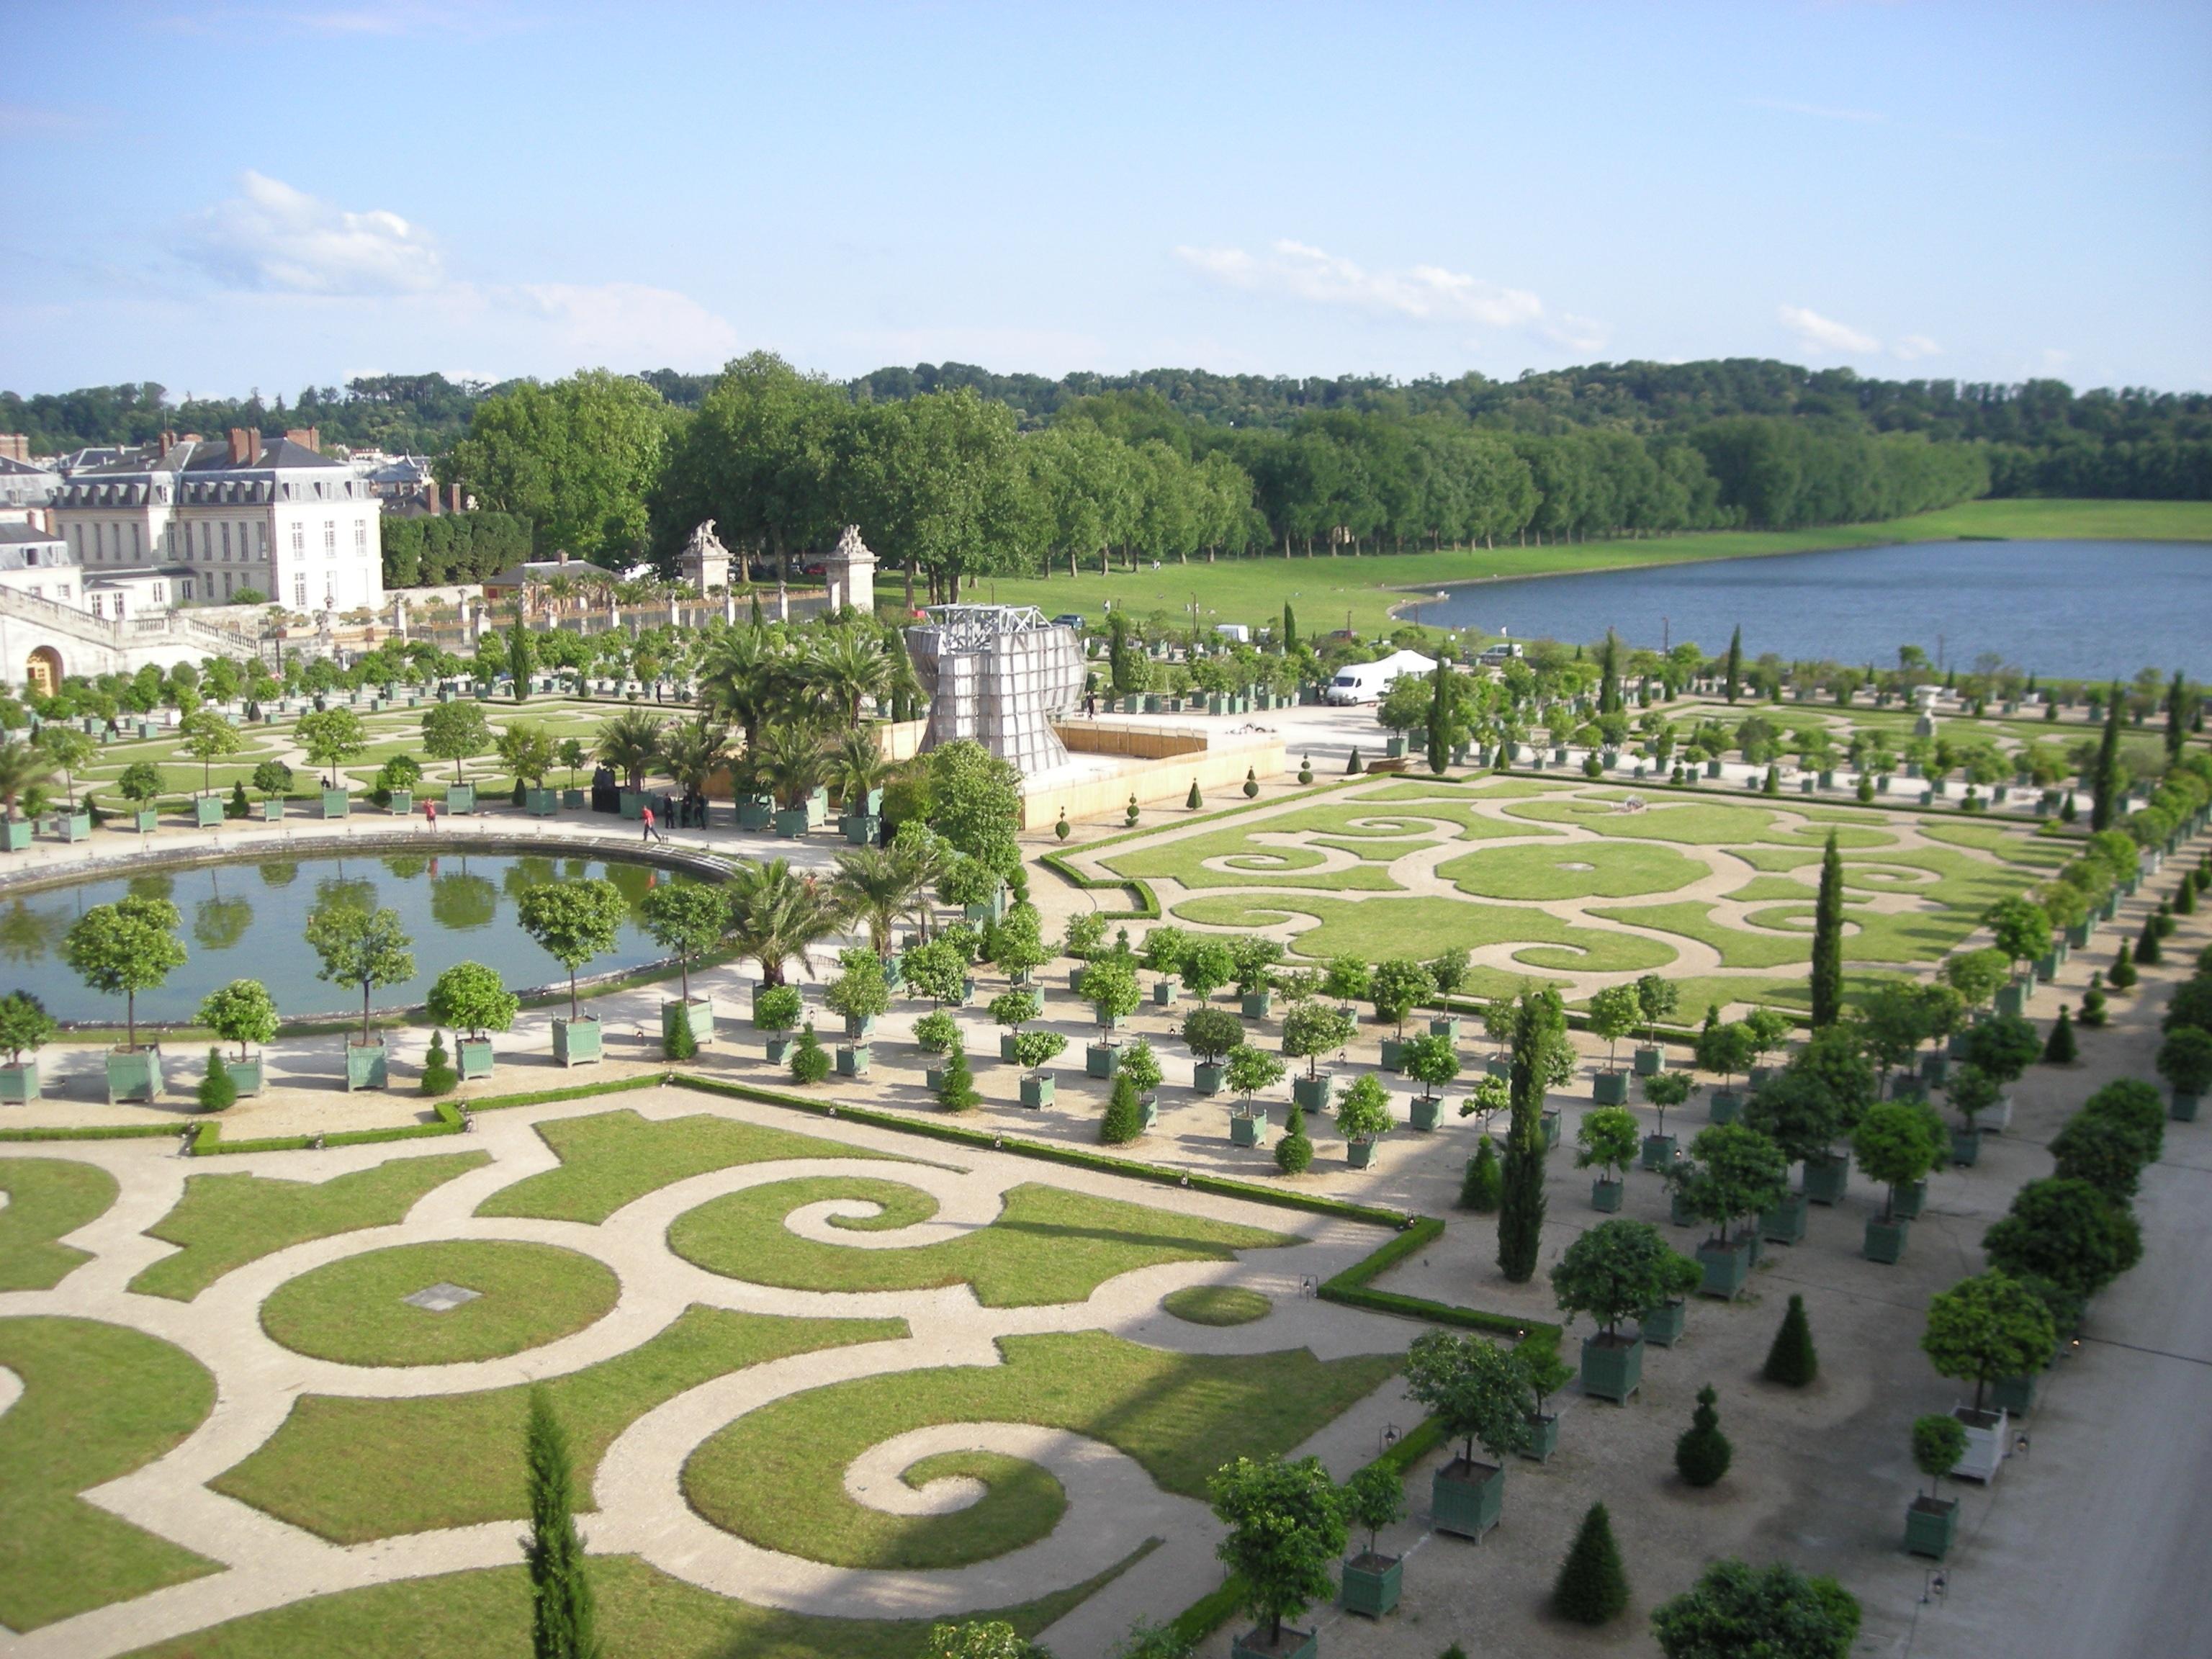 images gratuites : architecture, pelouse, château, palais, paris